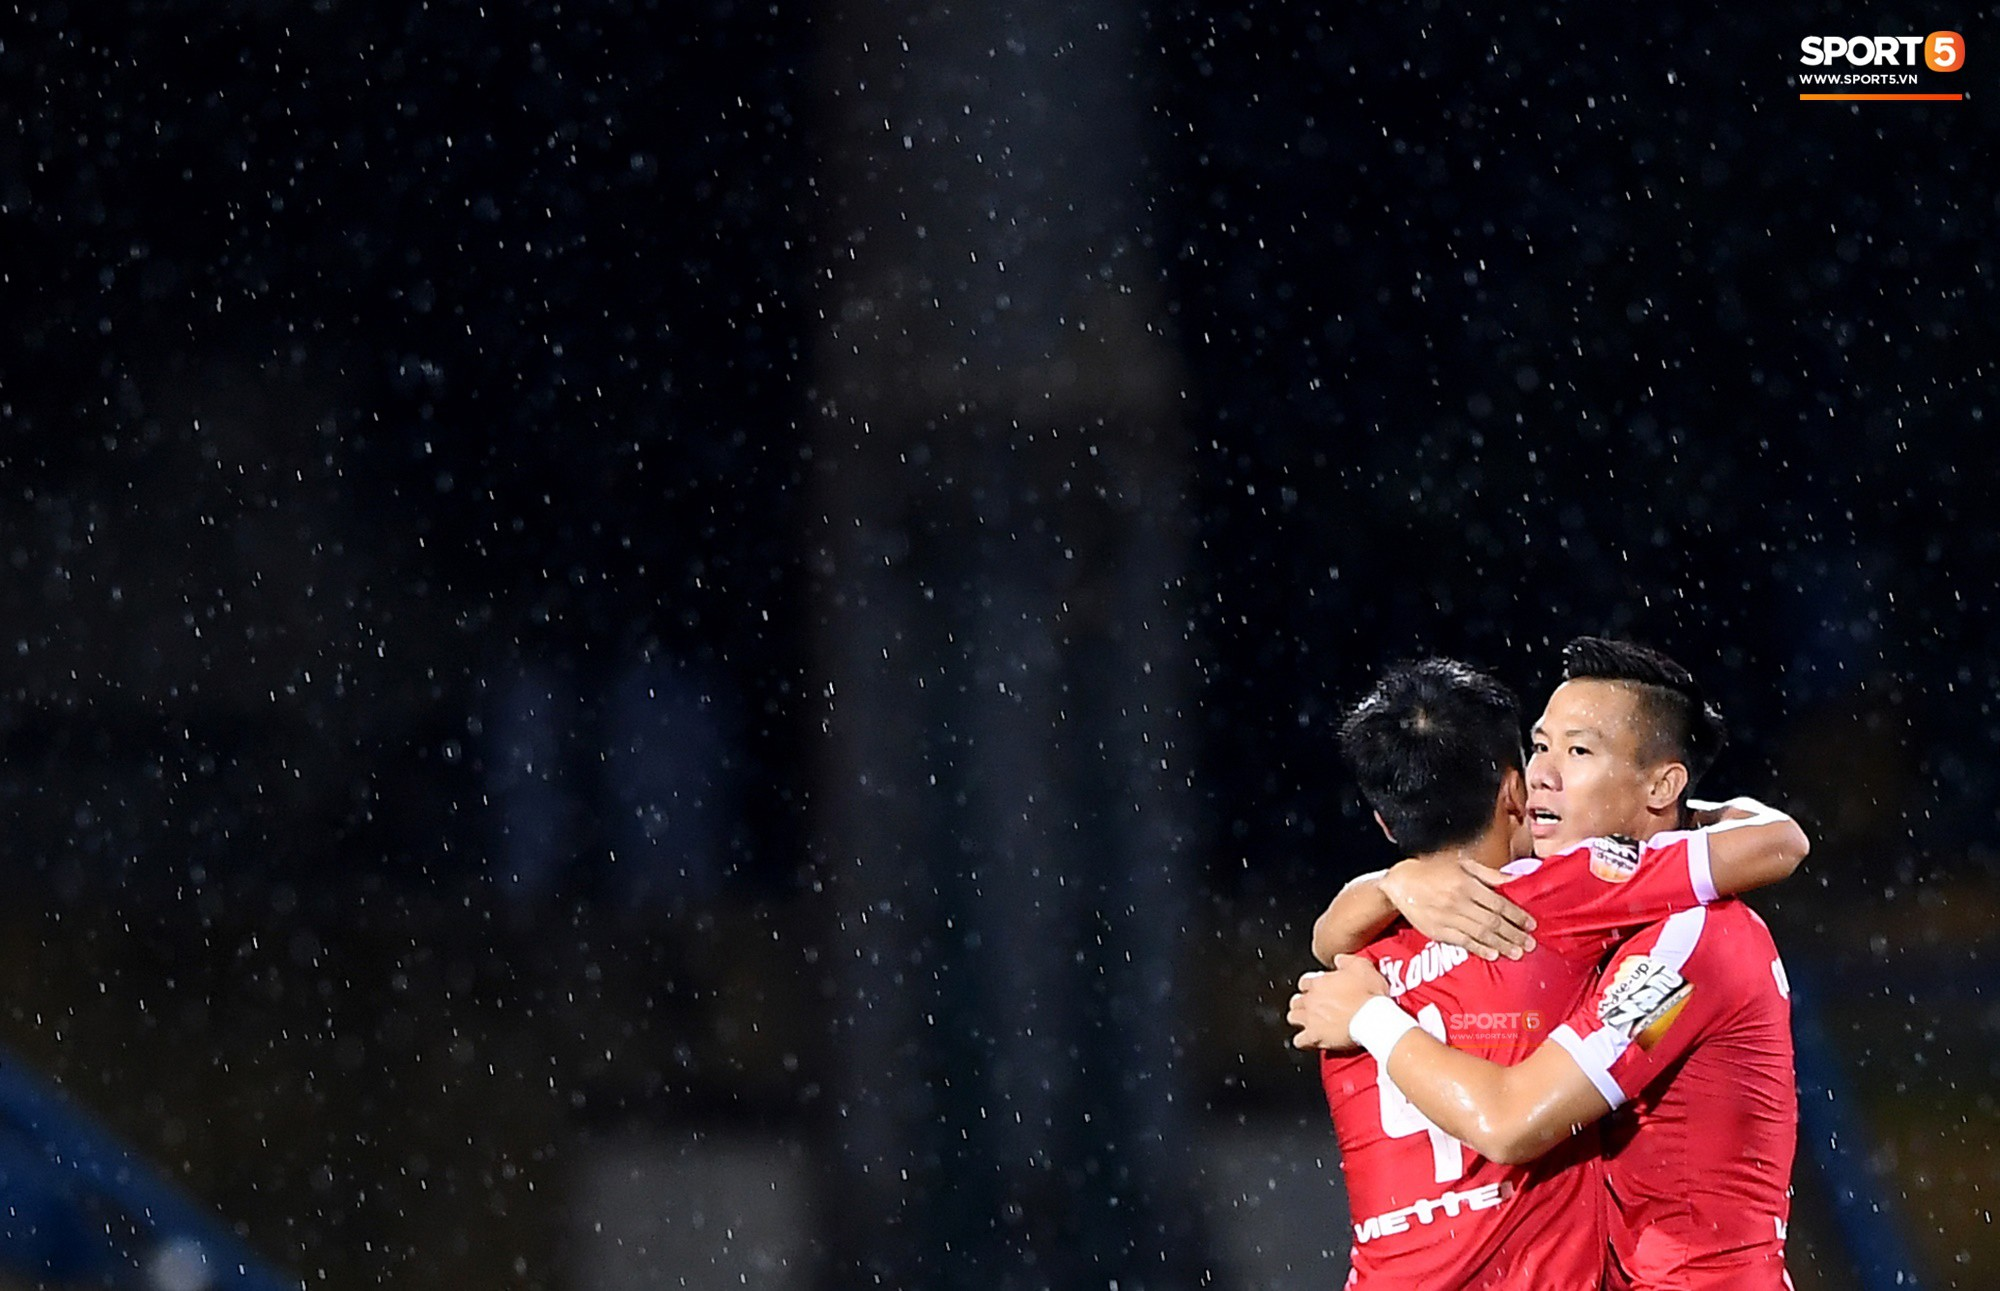 Chùm ảnh Tiến Dũng ôm Quế Ngọc Hải dưới màn mưa khiến fan ngỡ ngàng: Các anh đang quay MV Hàn Quốc hay gì? - Ảnh 1.